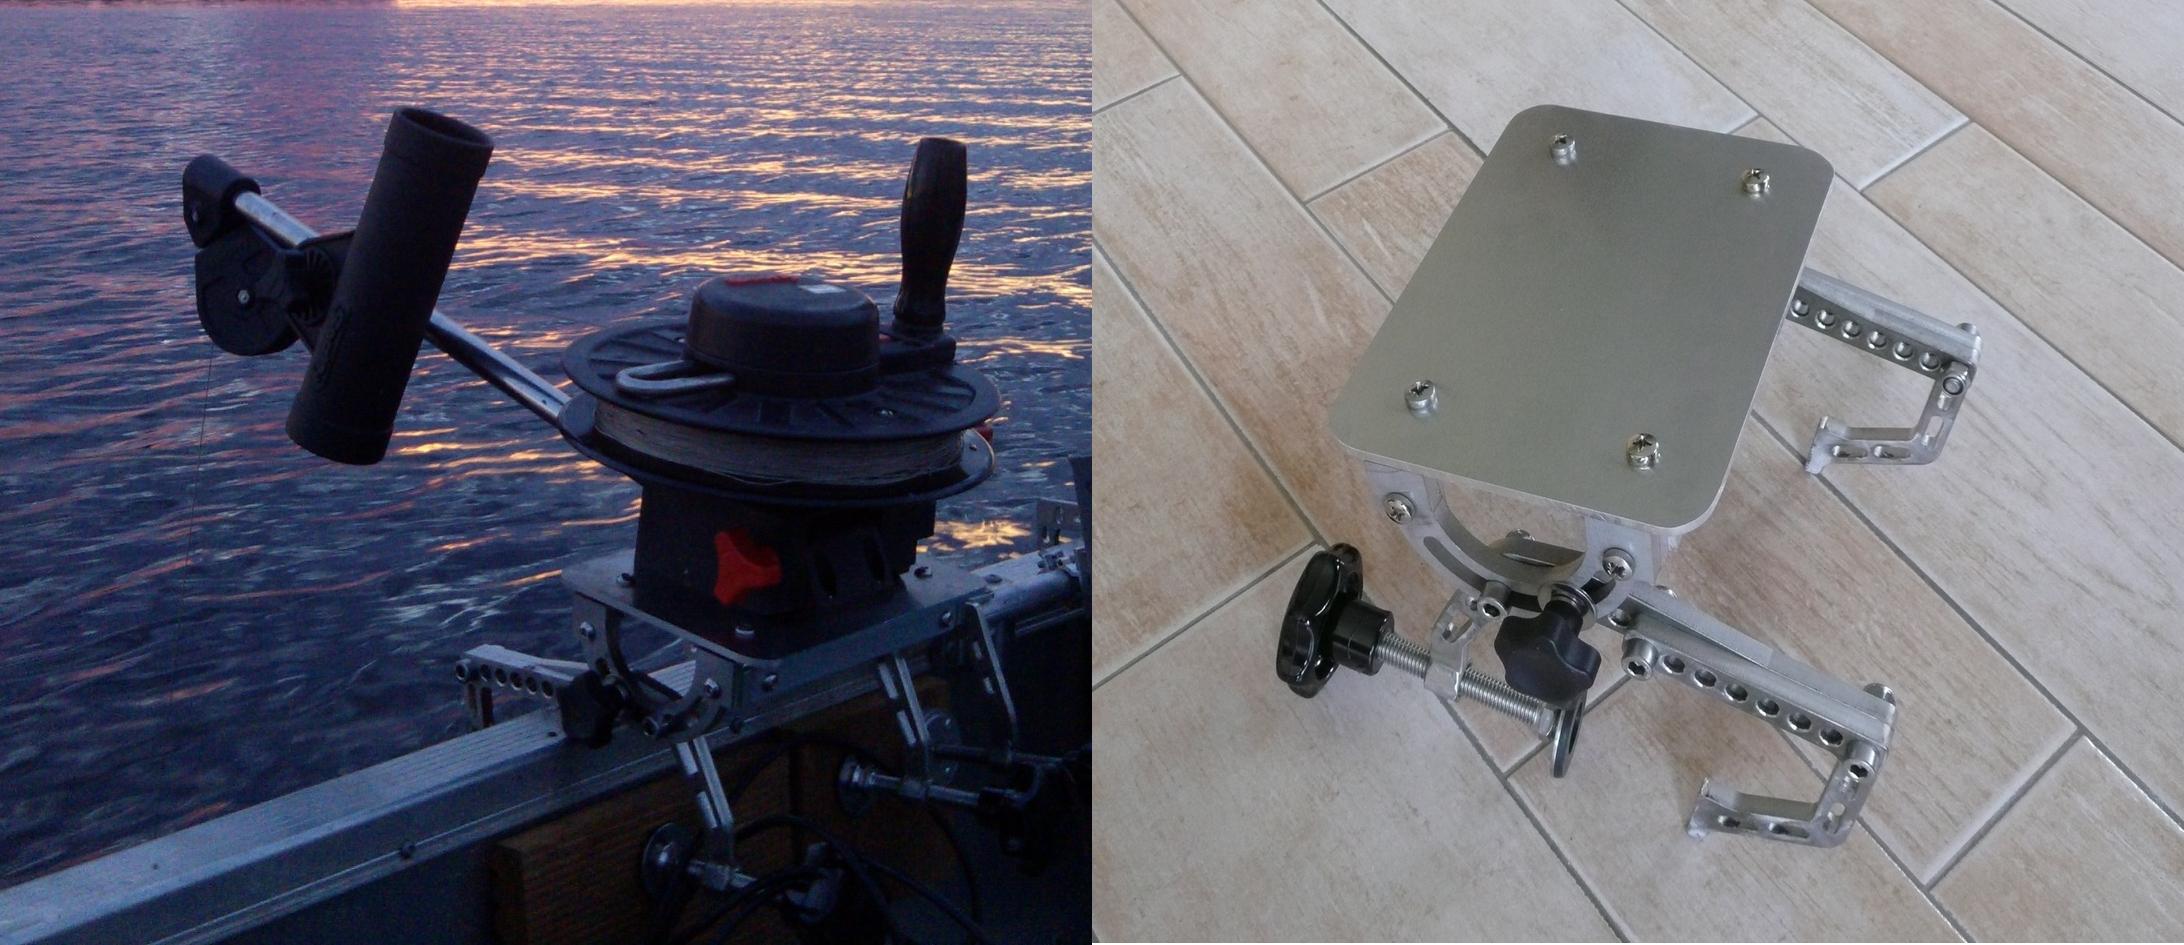 Downrigger-Halterung, Bootshalterung für Downrigger, Clamp, Bootsklammer Klammer für Downrigger Scotty Depthking (Mod.1080/1085)